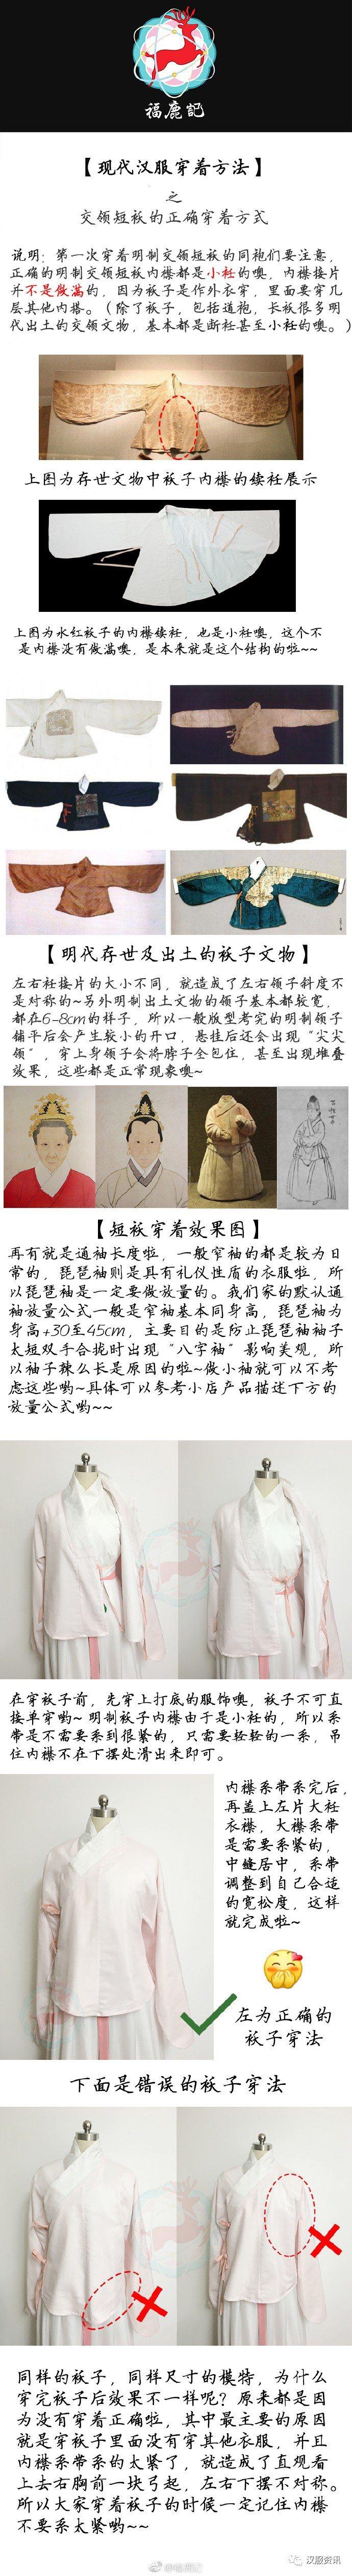 现代汉服穿着方法-图片1